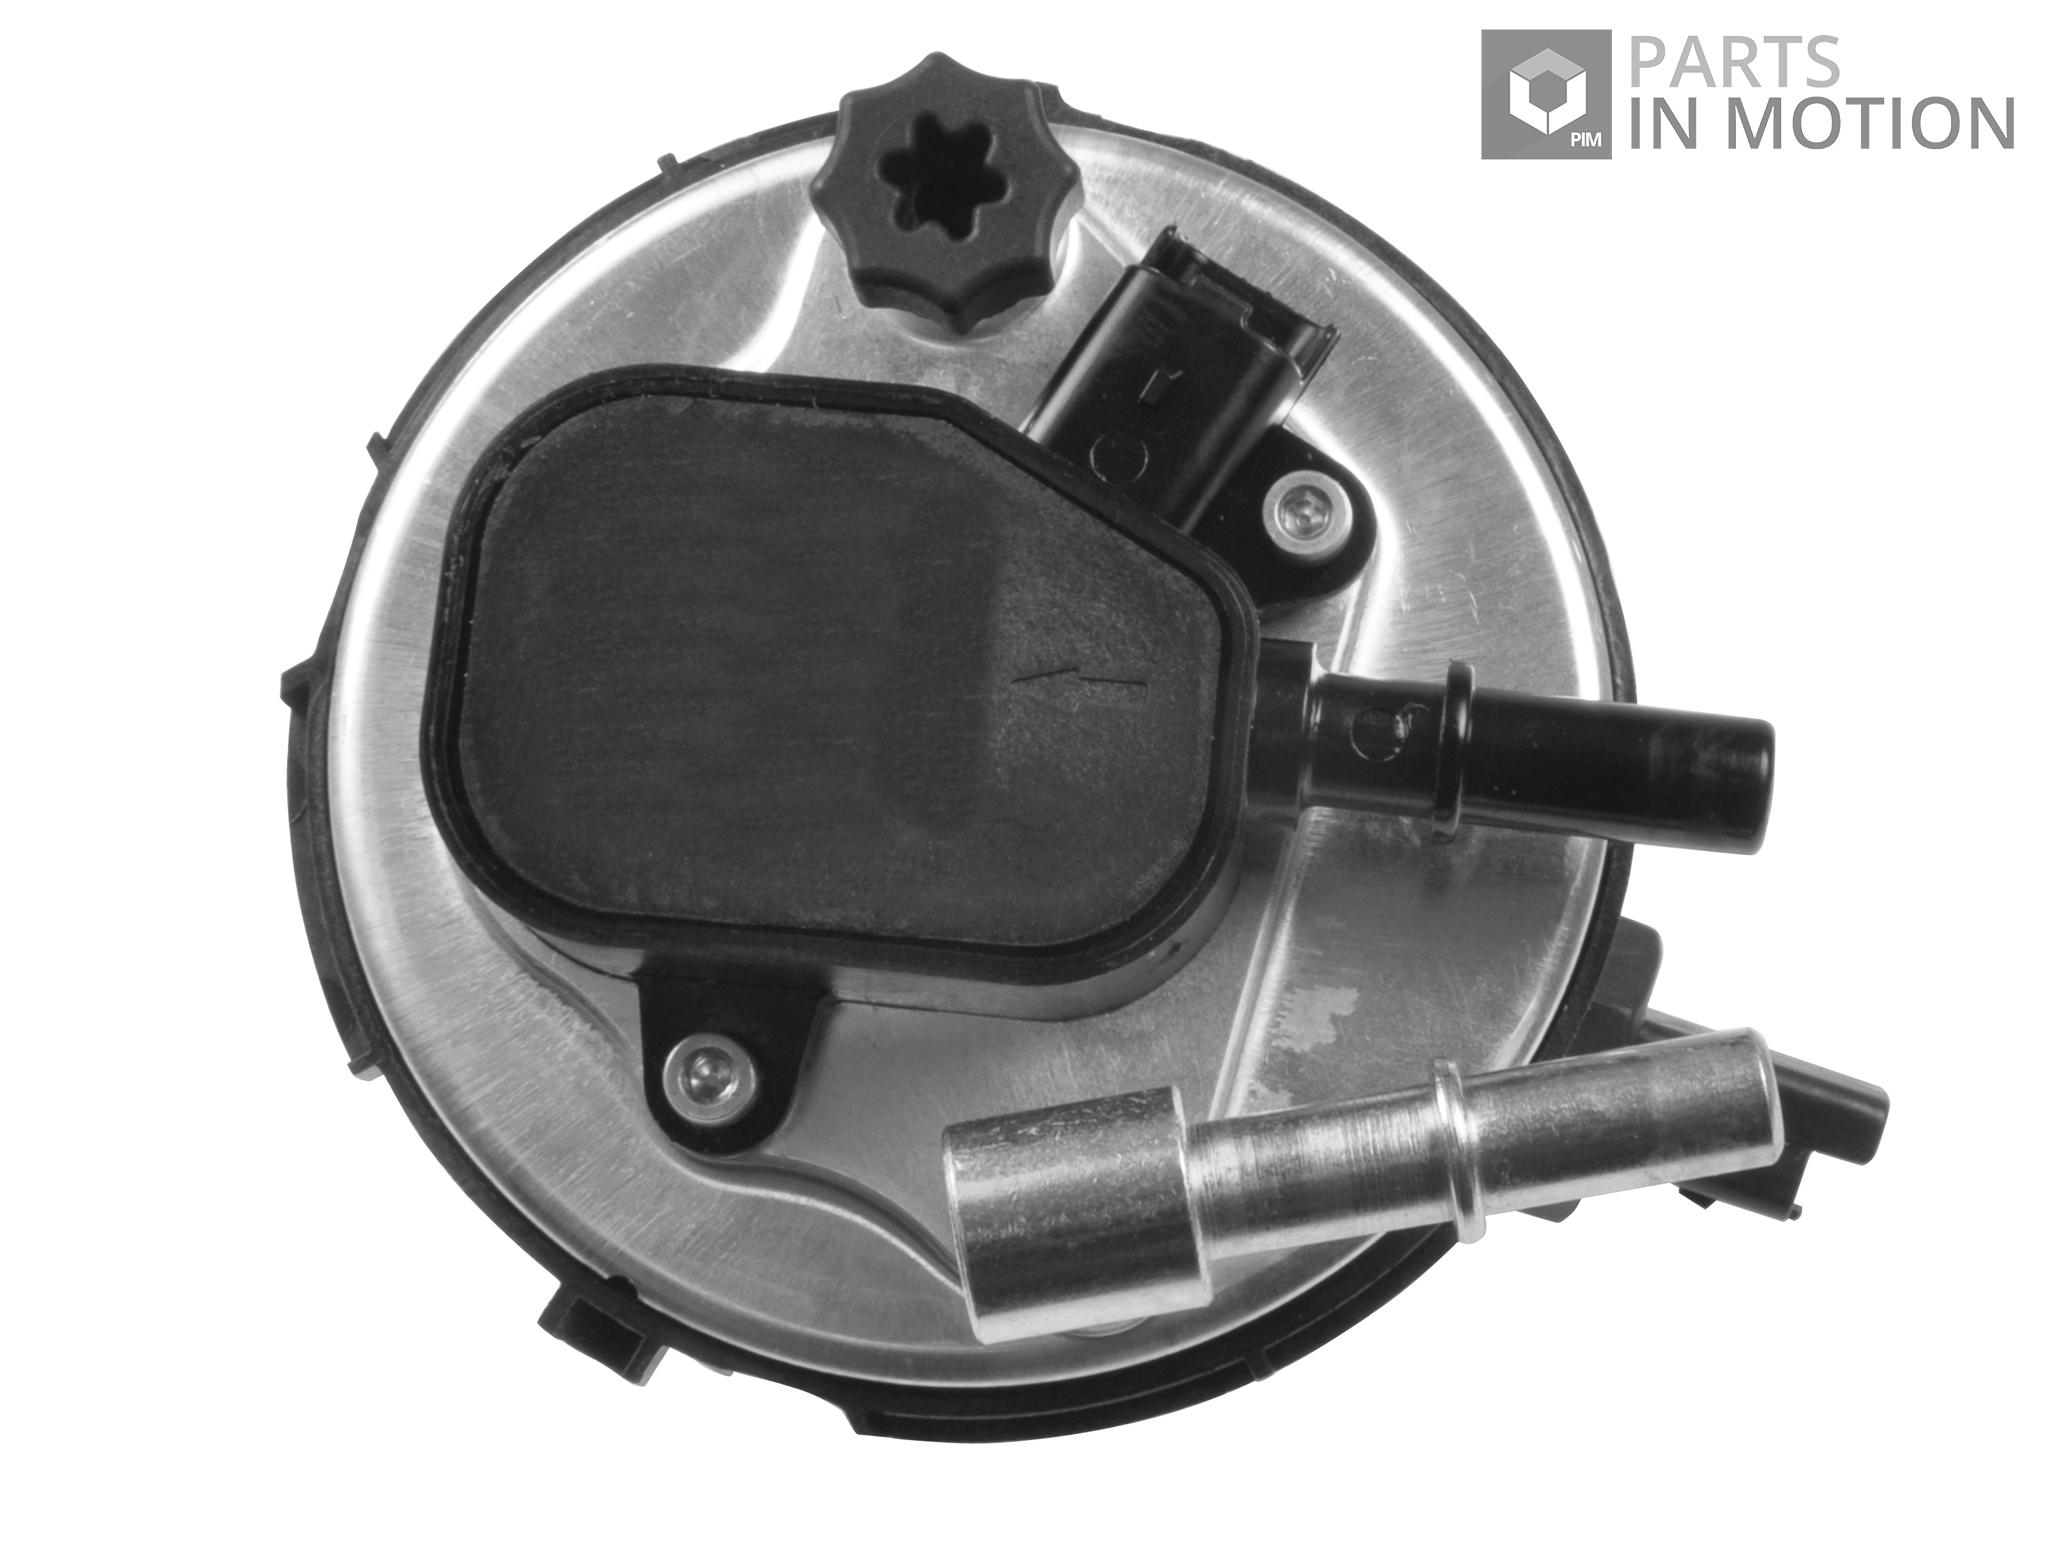 Fuel Filter Adm52343 Blue Print 1386037 Y60313480 30783135 Quality 2006 Mazda 3 4